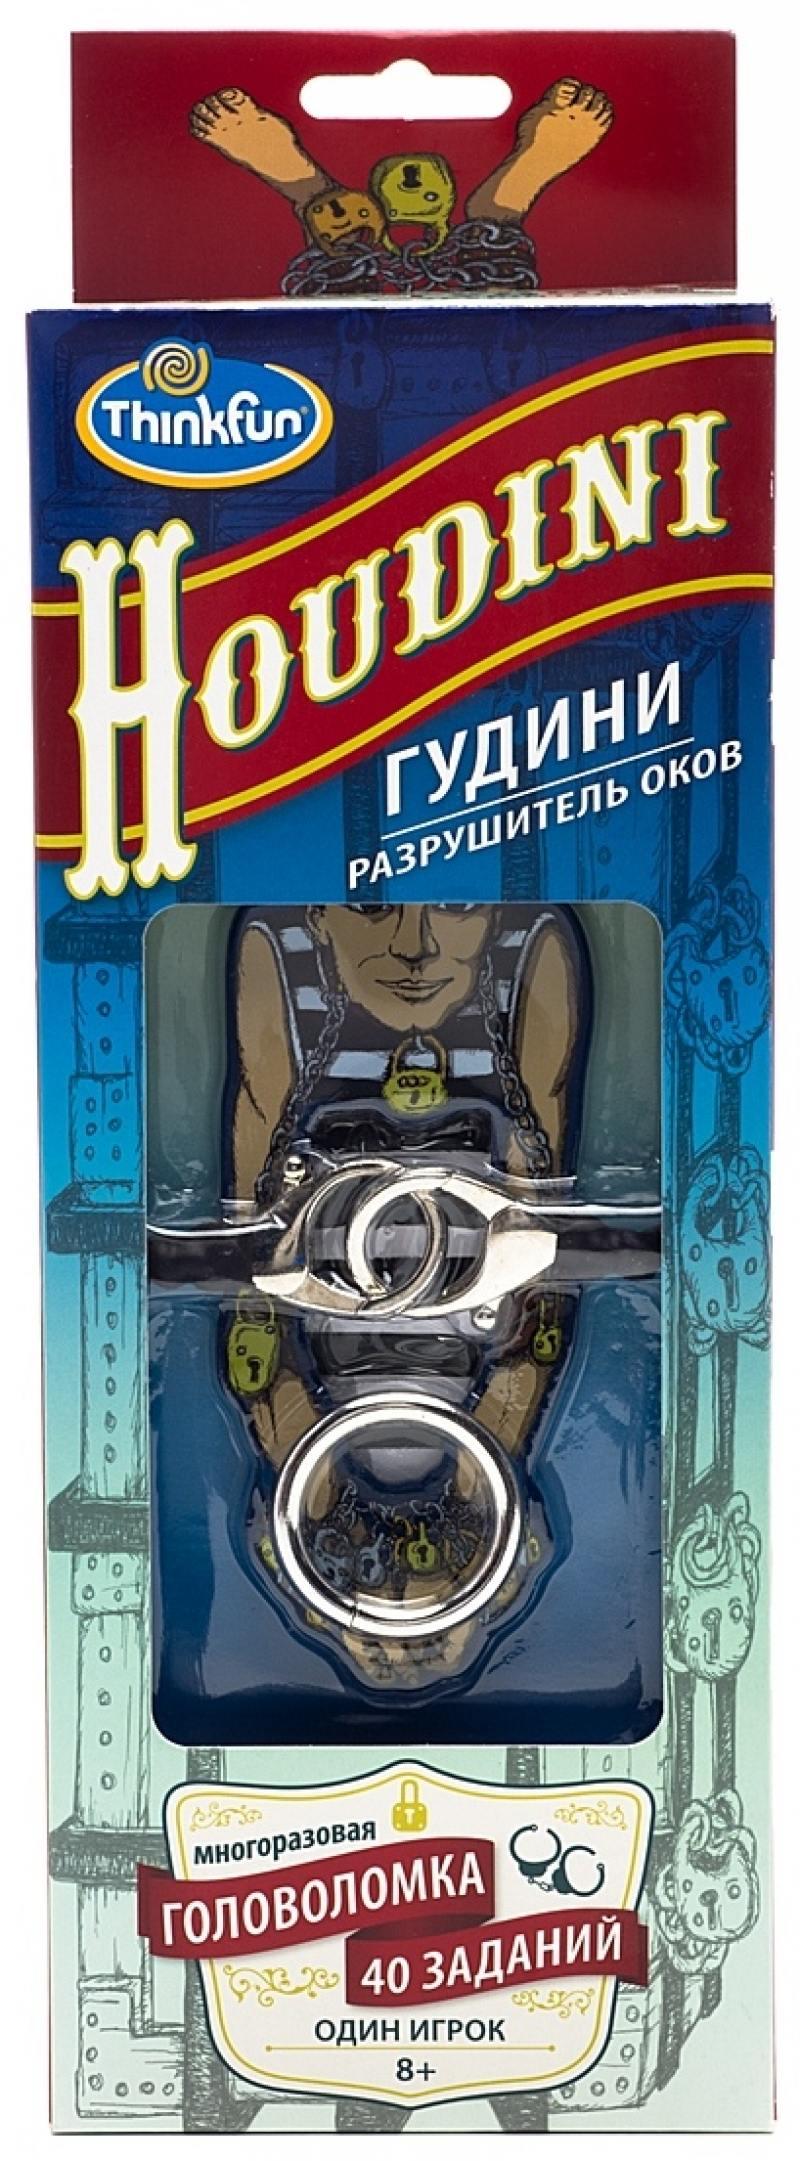 Гудини Разрушитель оков 7300-RU цена 2017